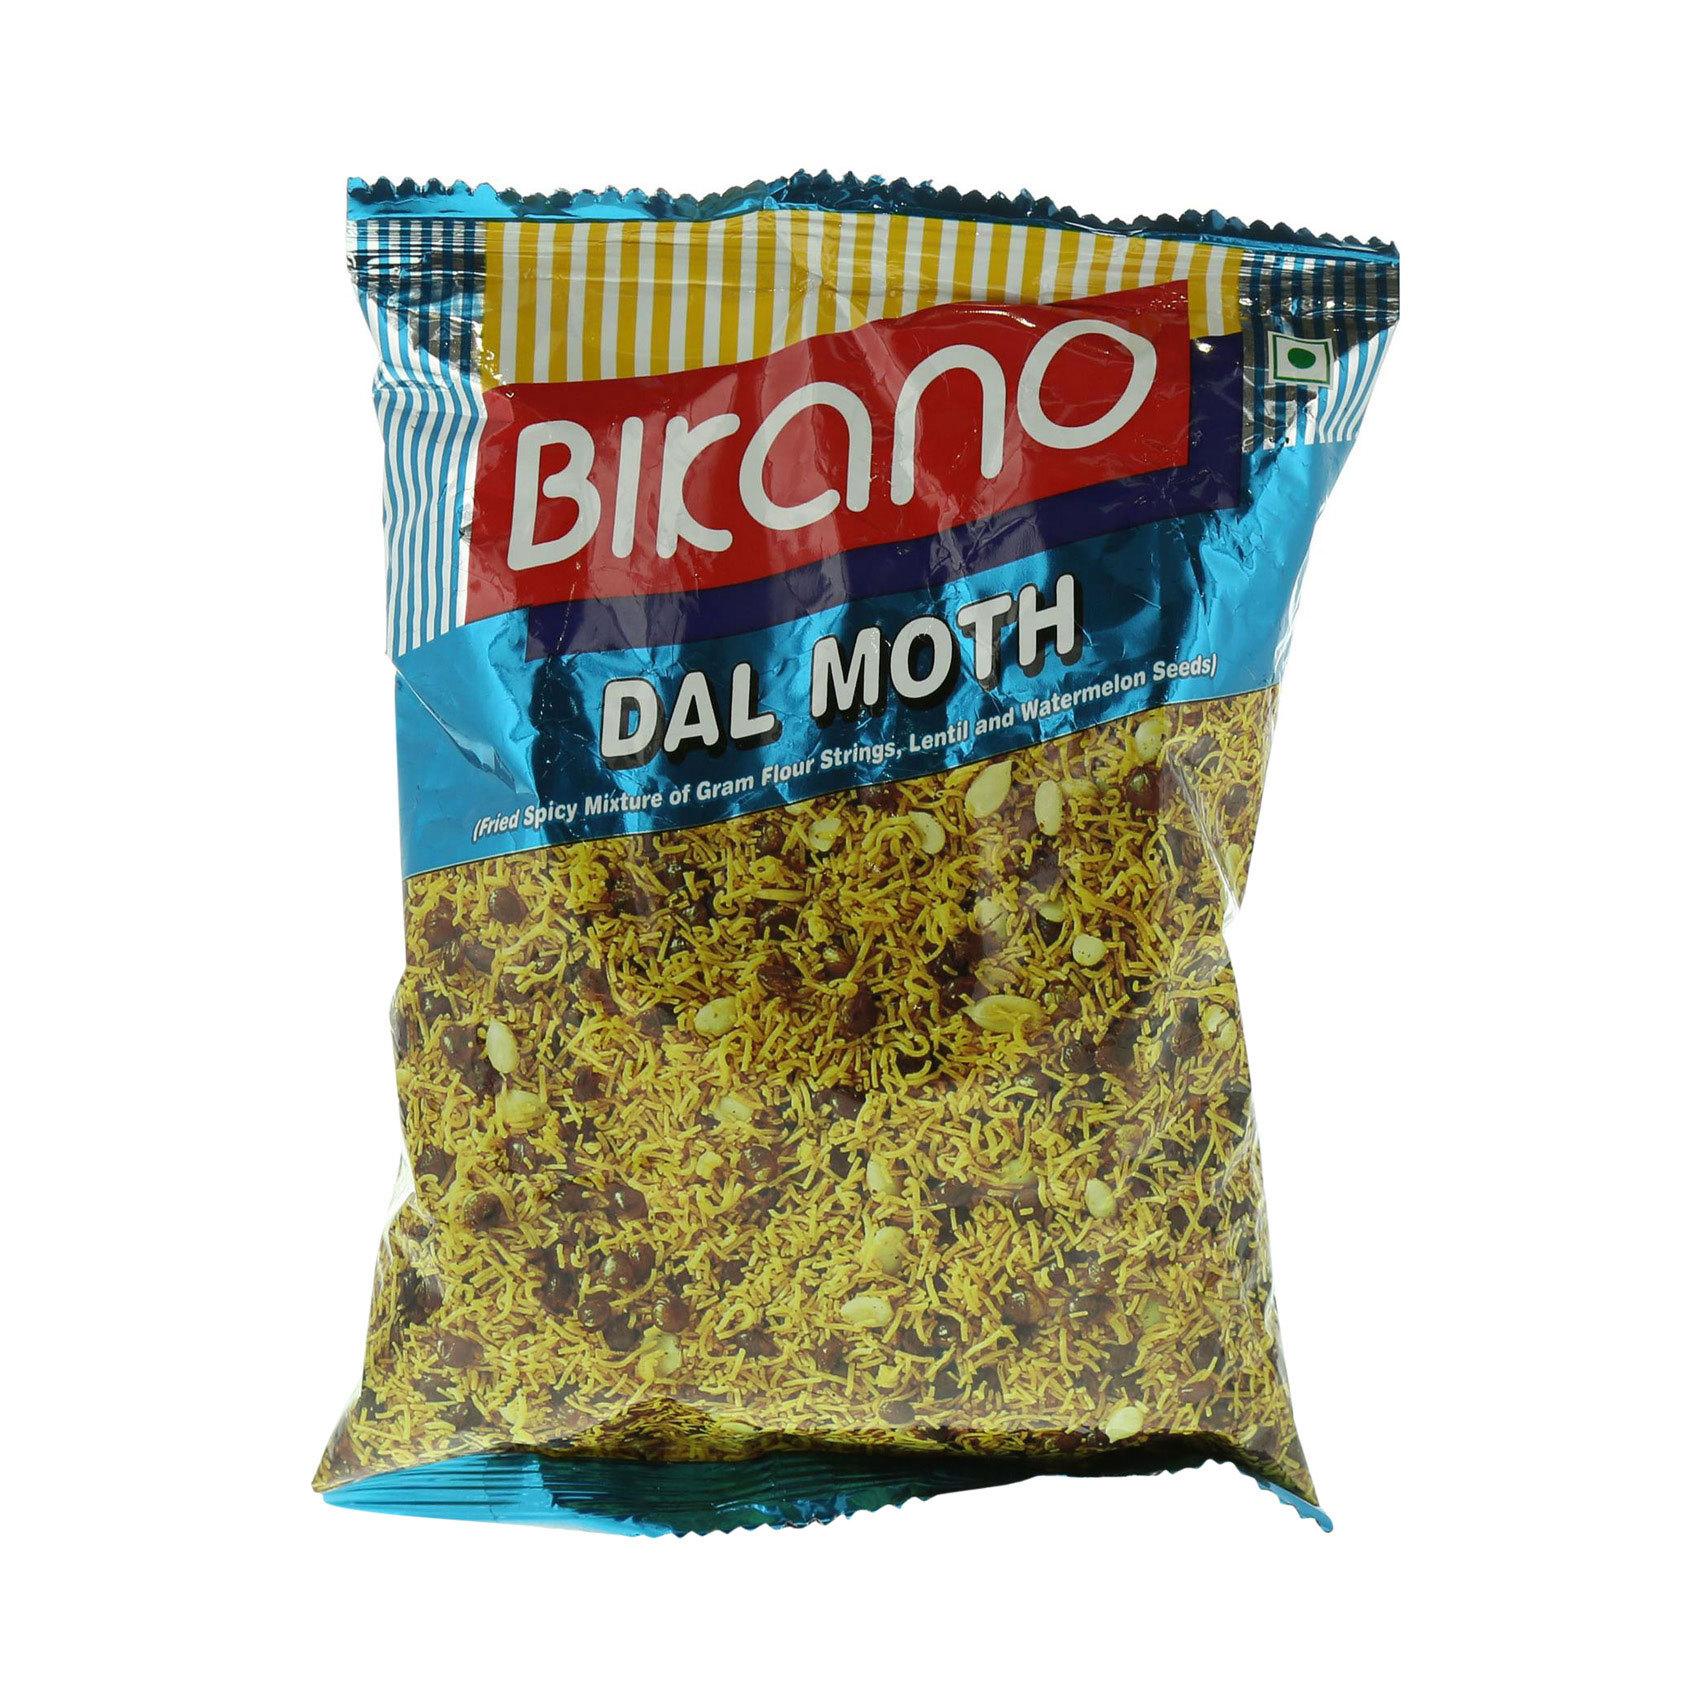 BIKANO DALMOTH 200GR